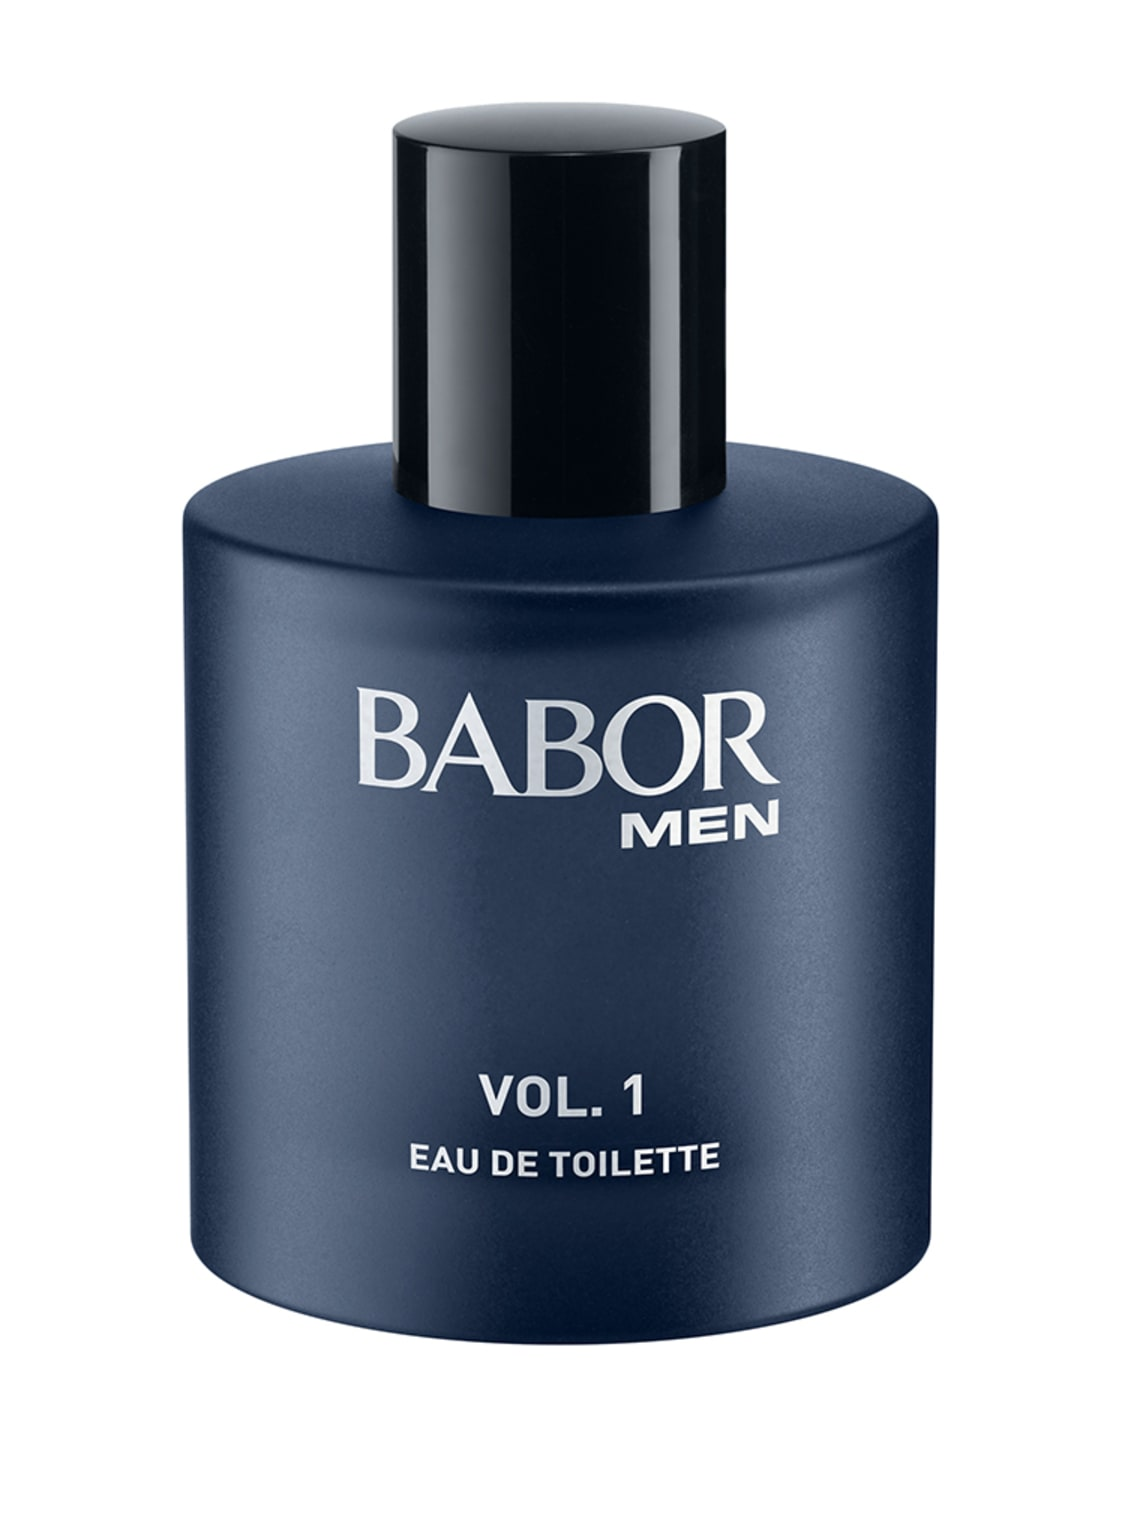 Image of Babor Babor Men Eau de Toilette Vol. 1 100 ml